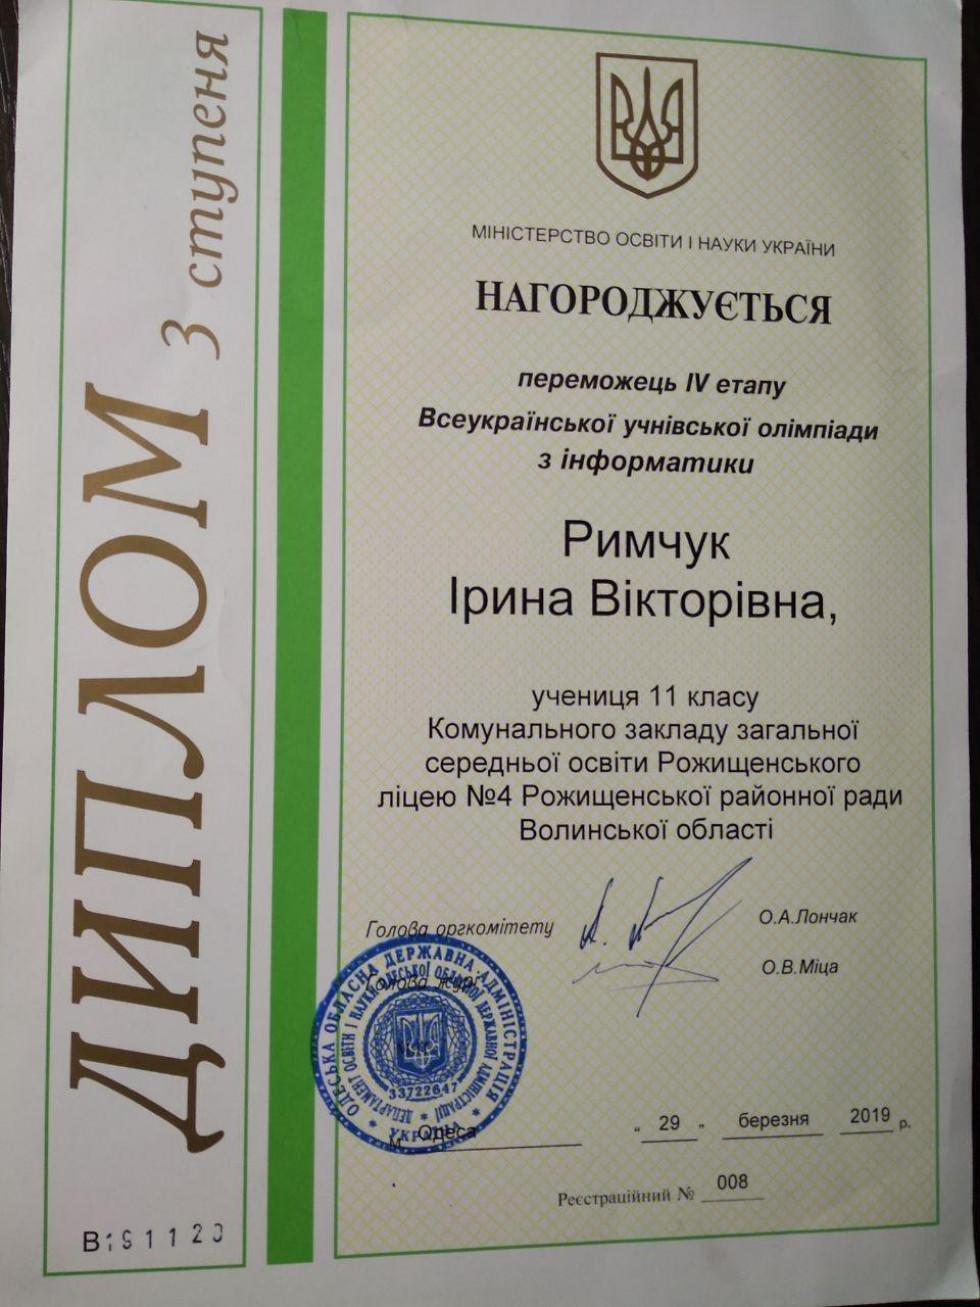 Дівчину нагородили президентським дипломом.